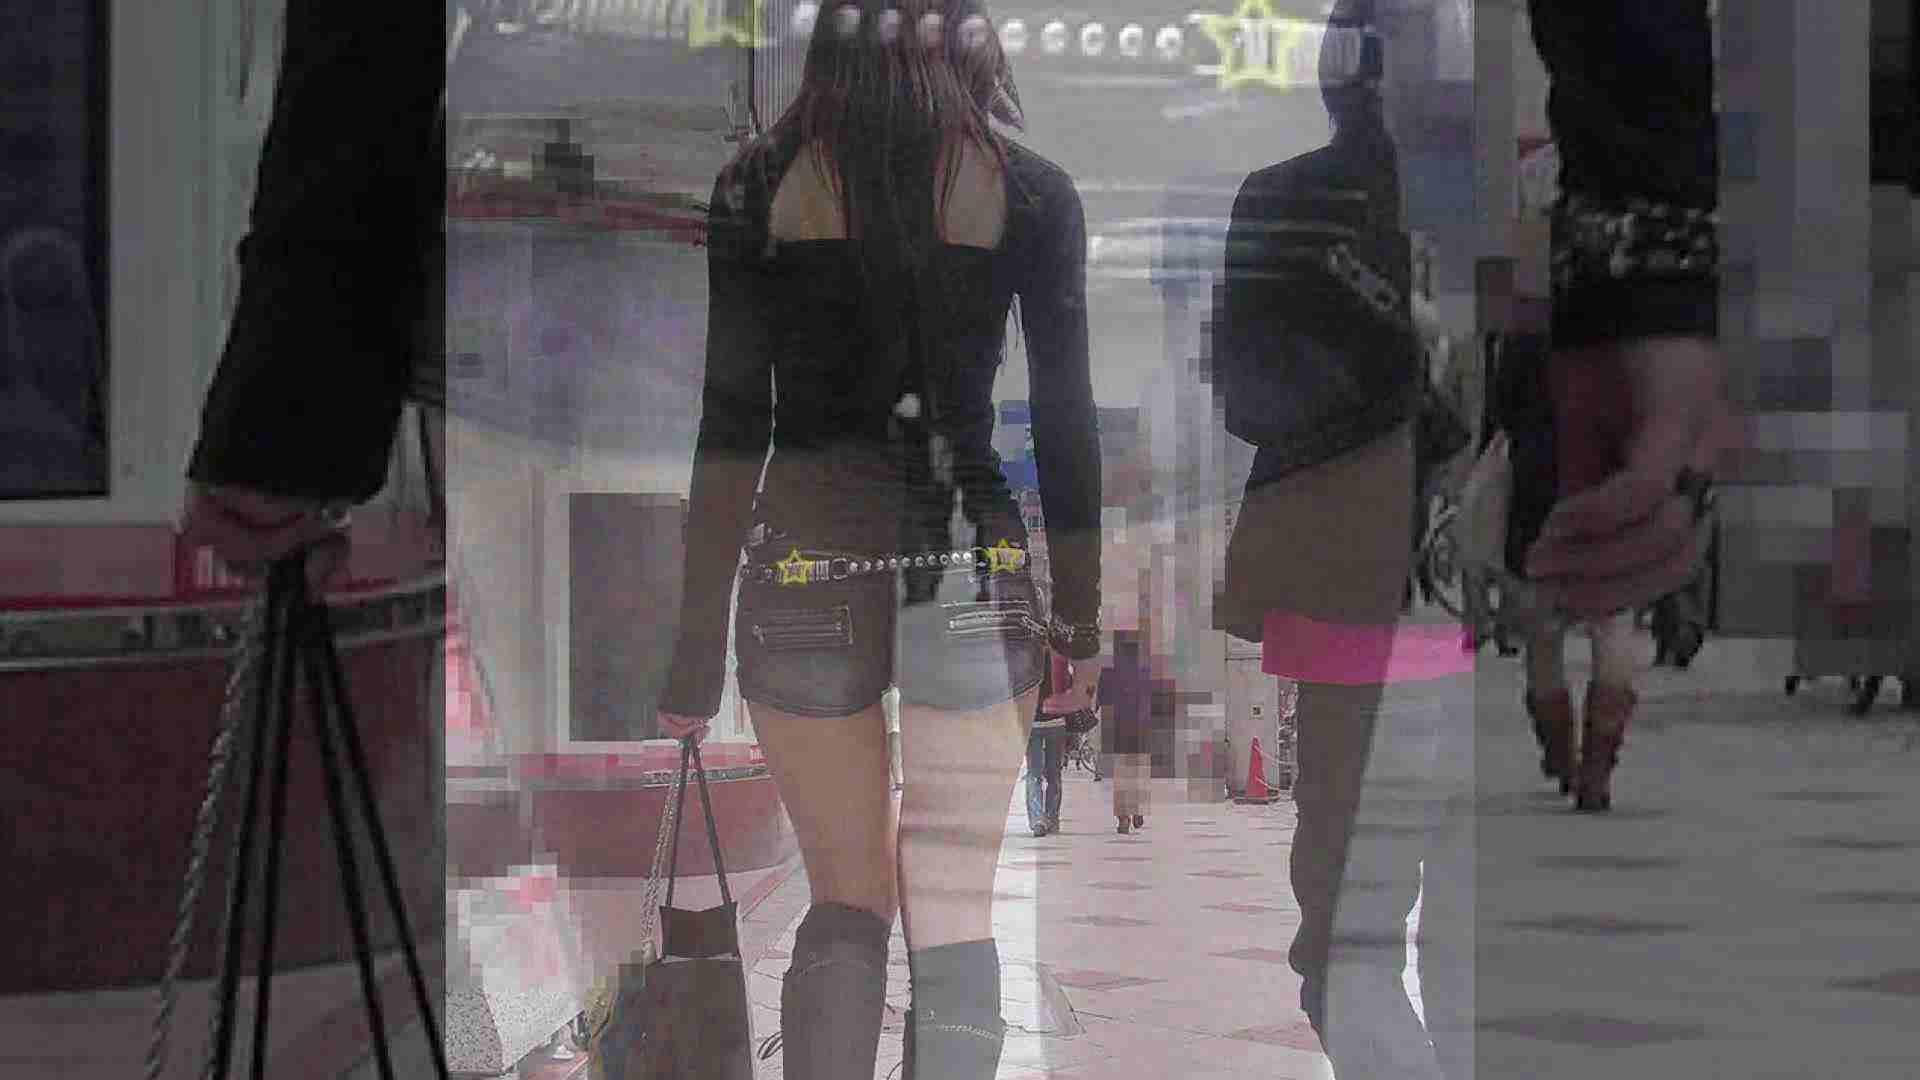 キレイに撮れるんです!No12!韓国流出編Vol.17 OLセックス 隠し撮りセックス画像 109画像 26